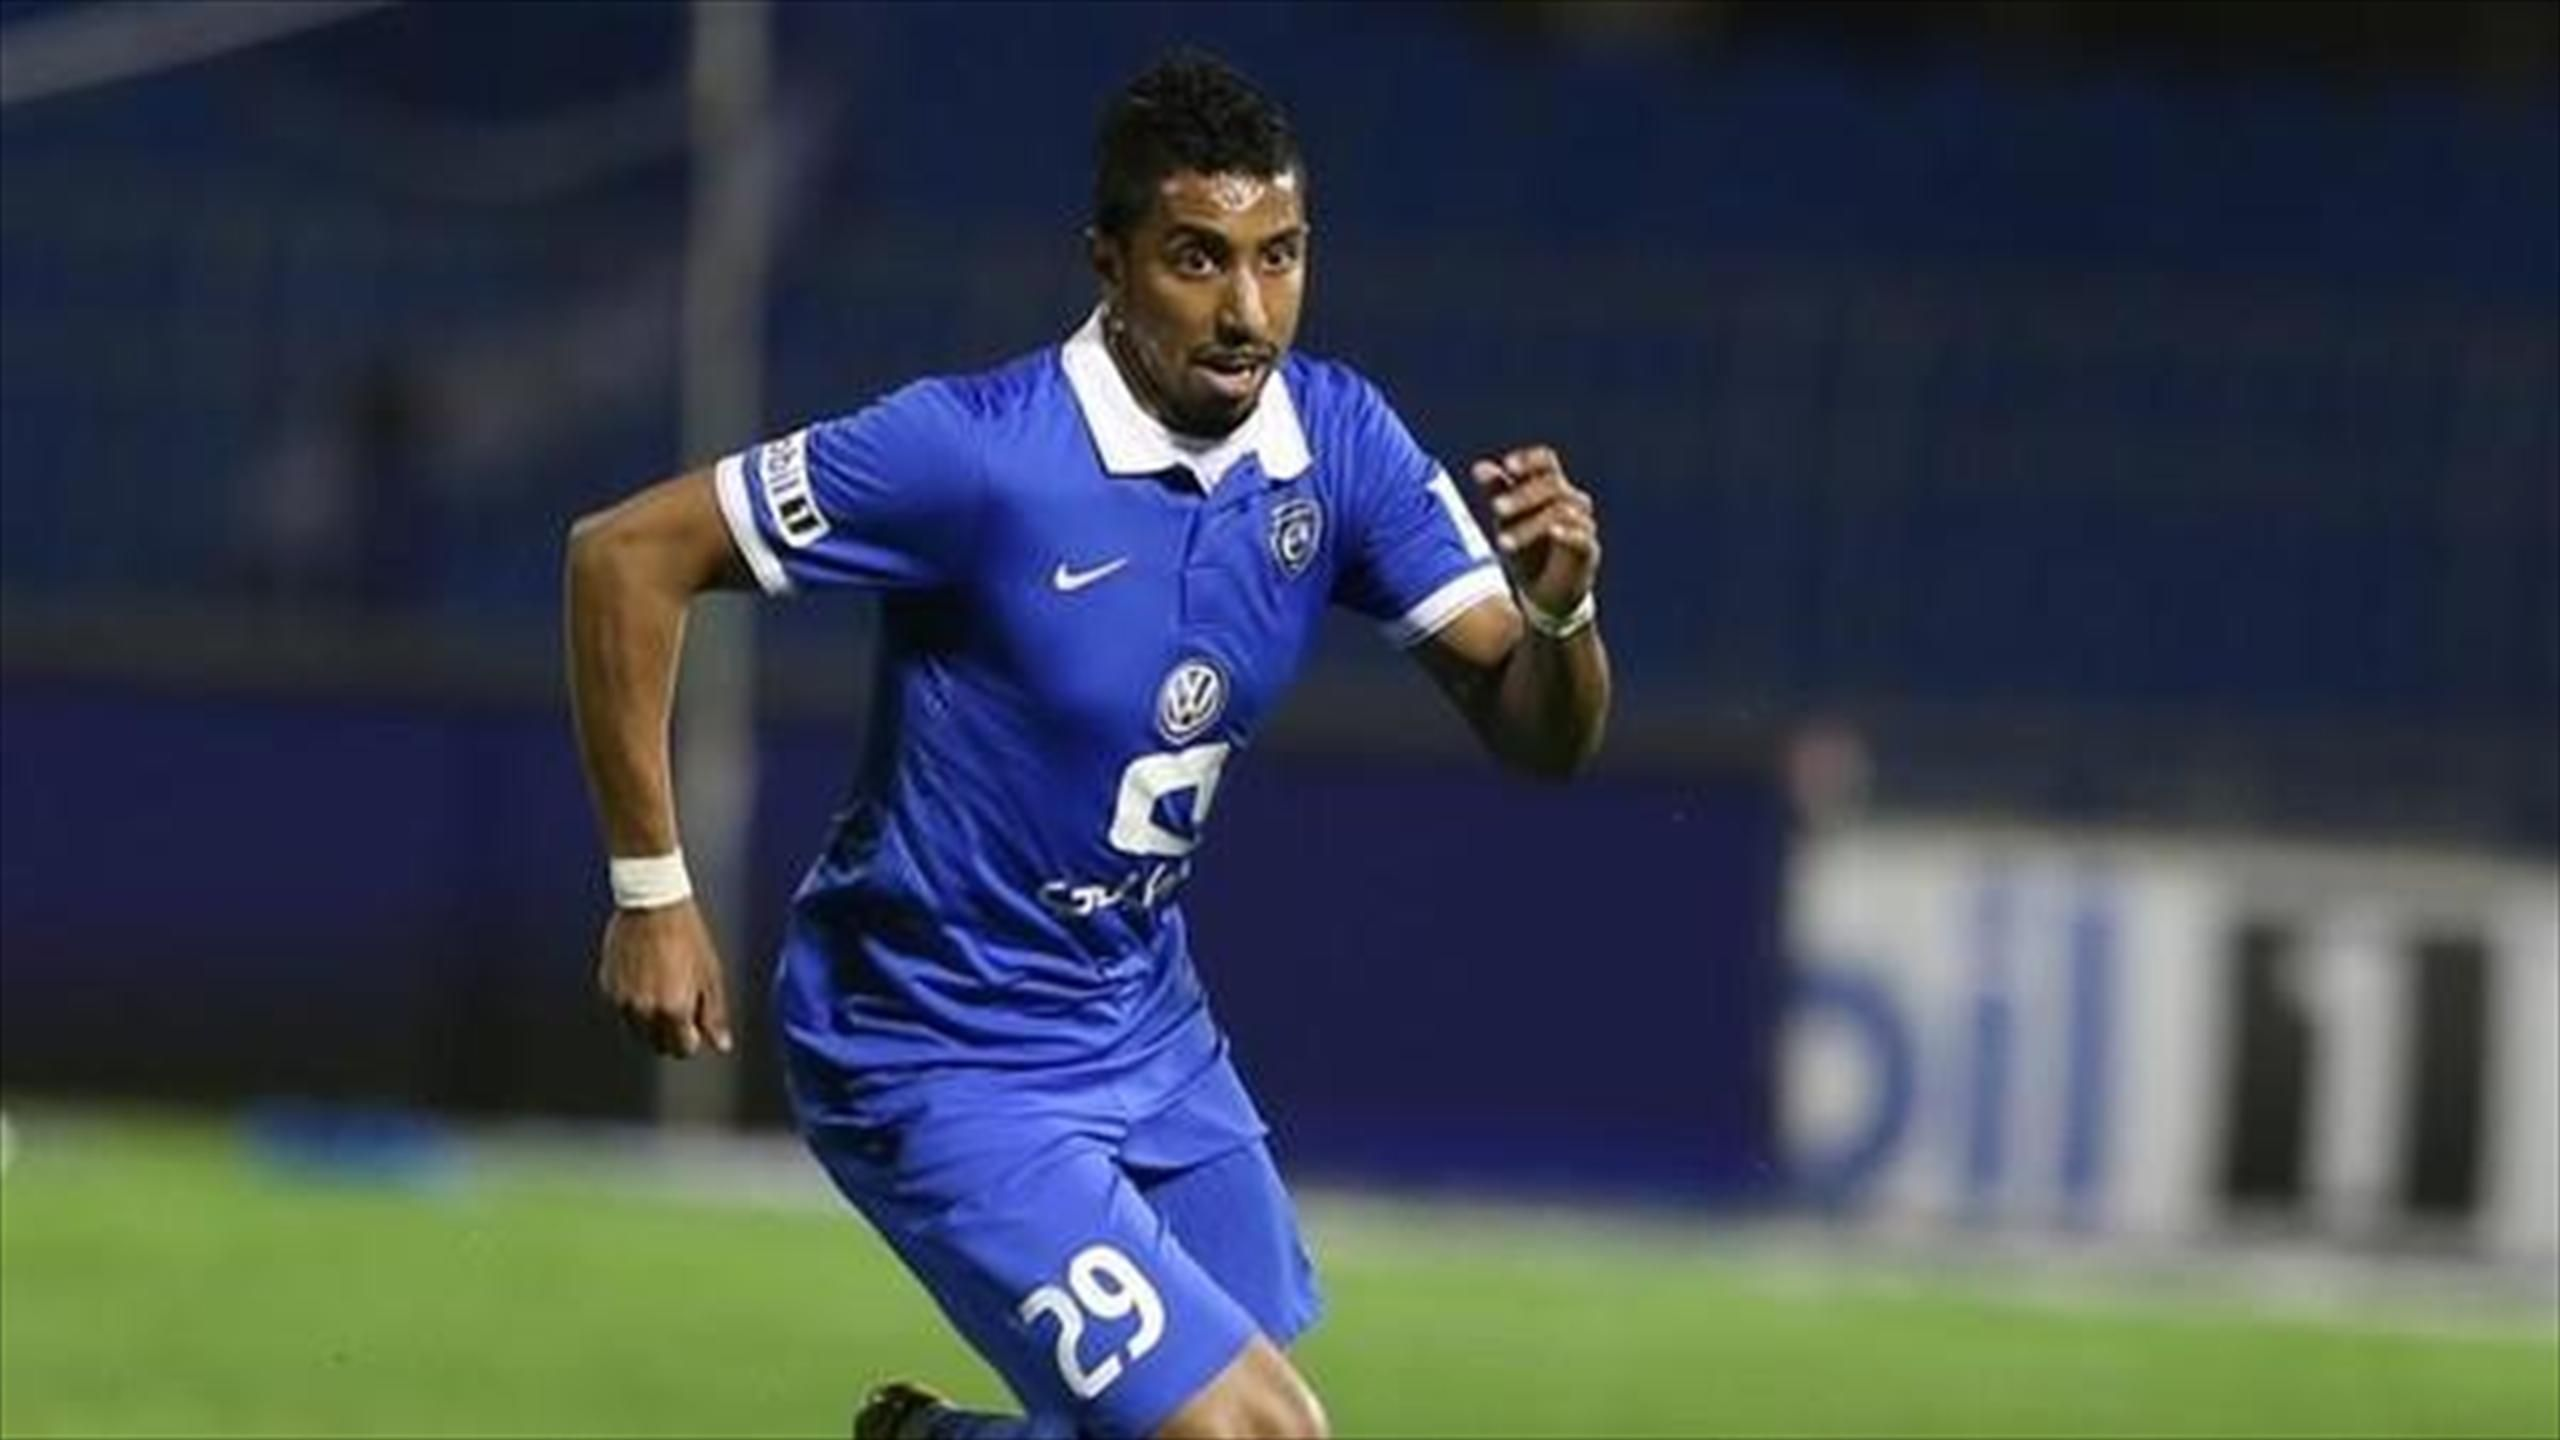 أهداف مباراة الهلال والأهلي 2-0 الدوري السعودي